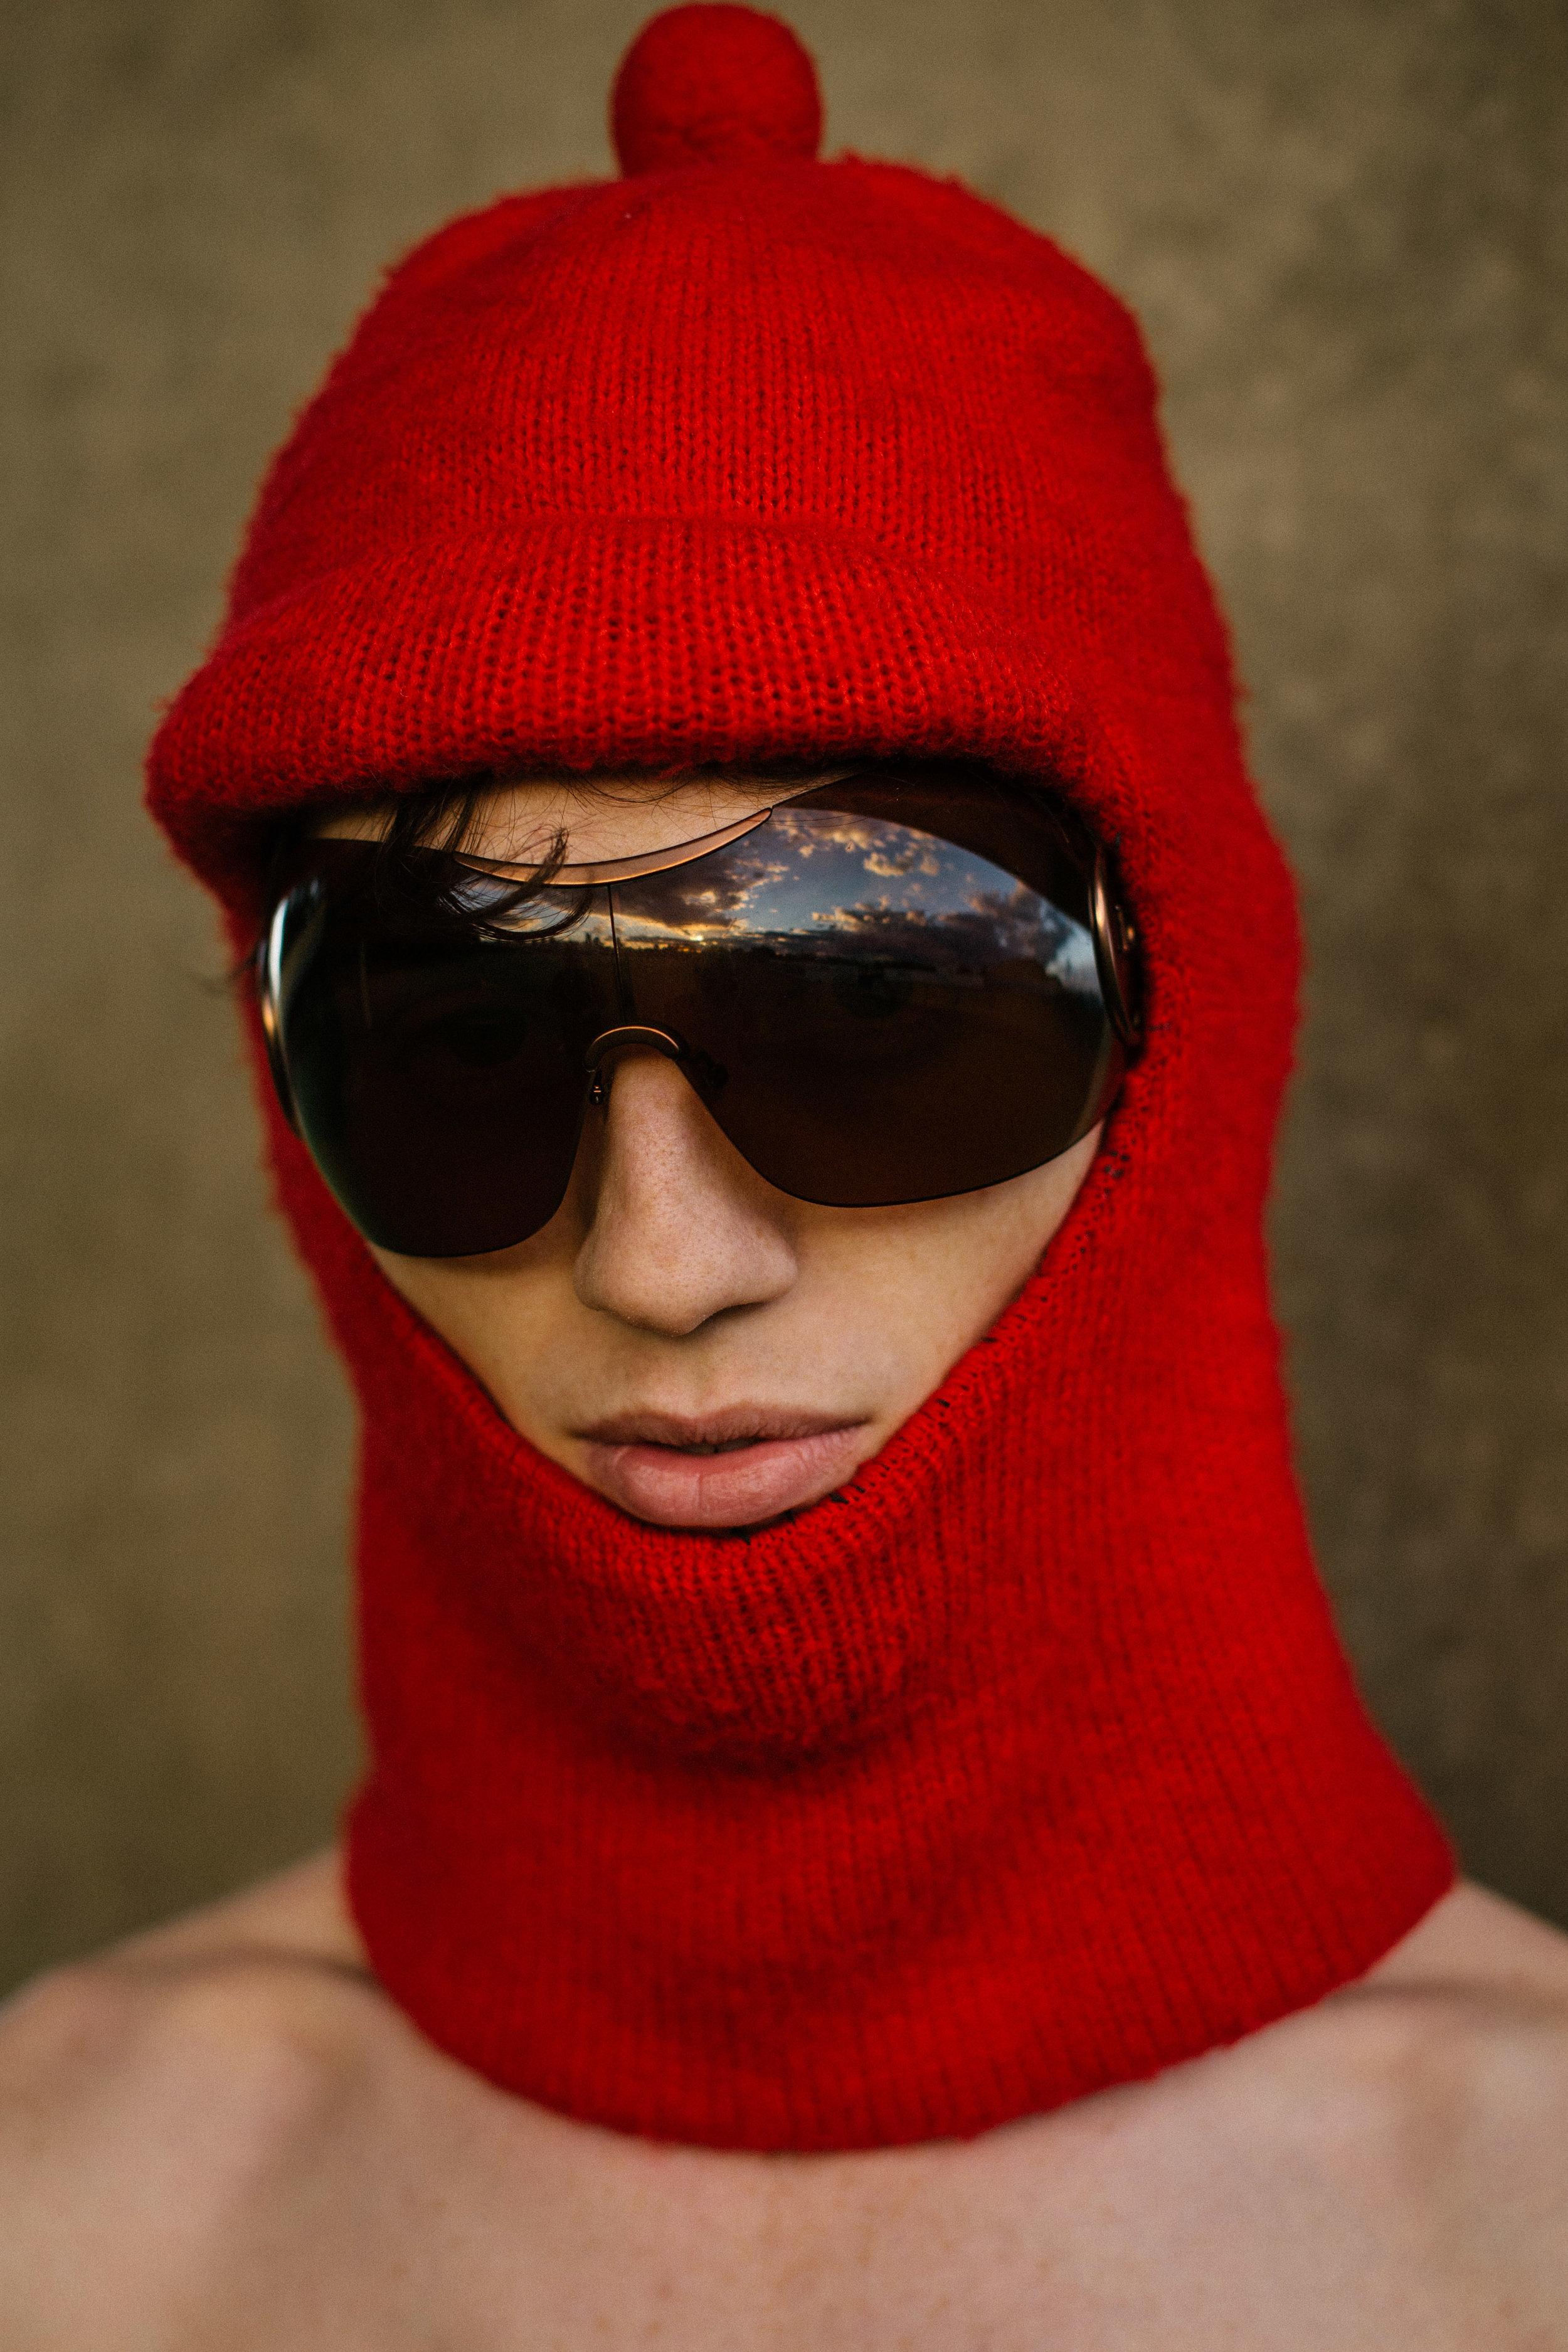 ski mask - stylist own, glasses DIOR